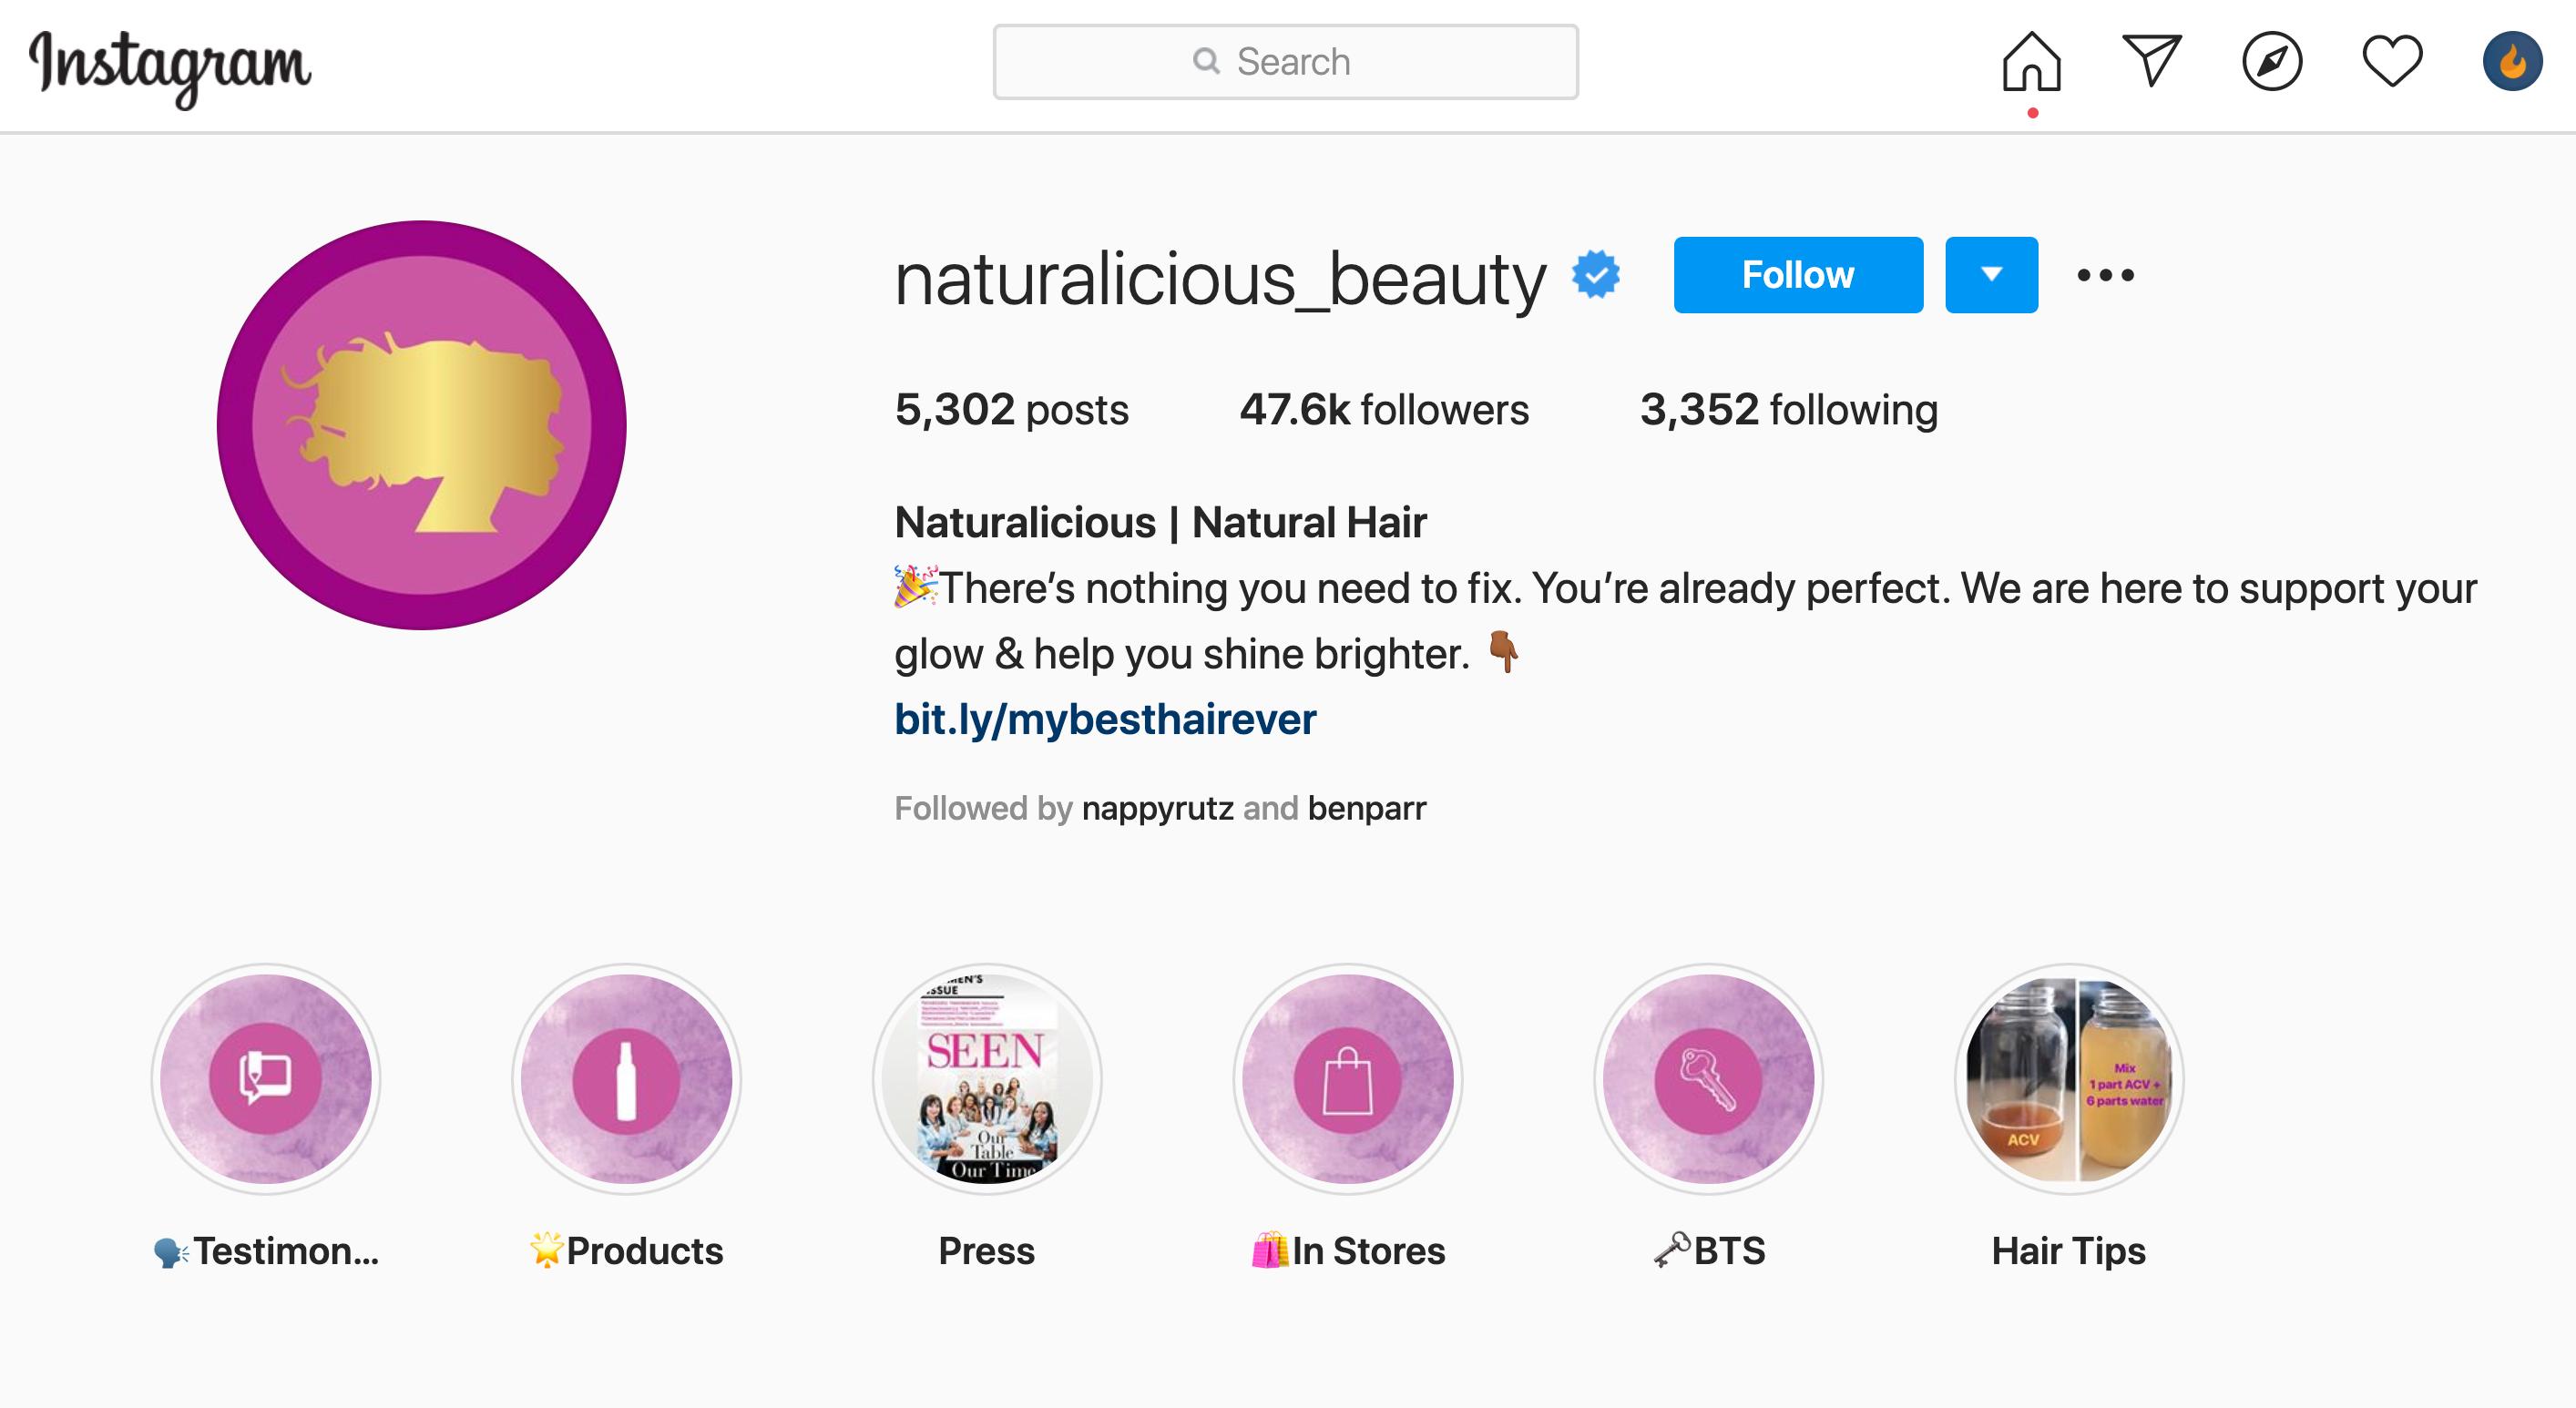 Naturalicious Instagram Profile